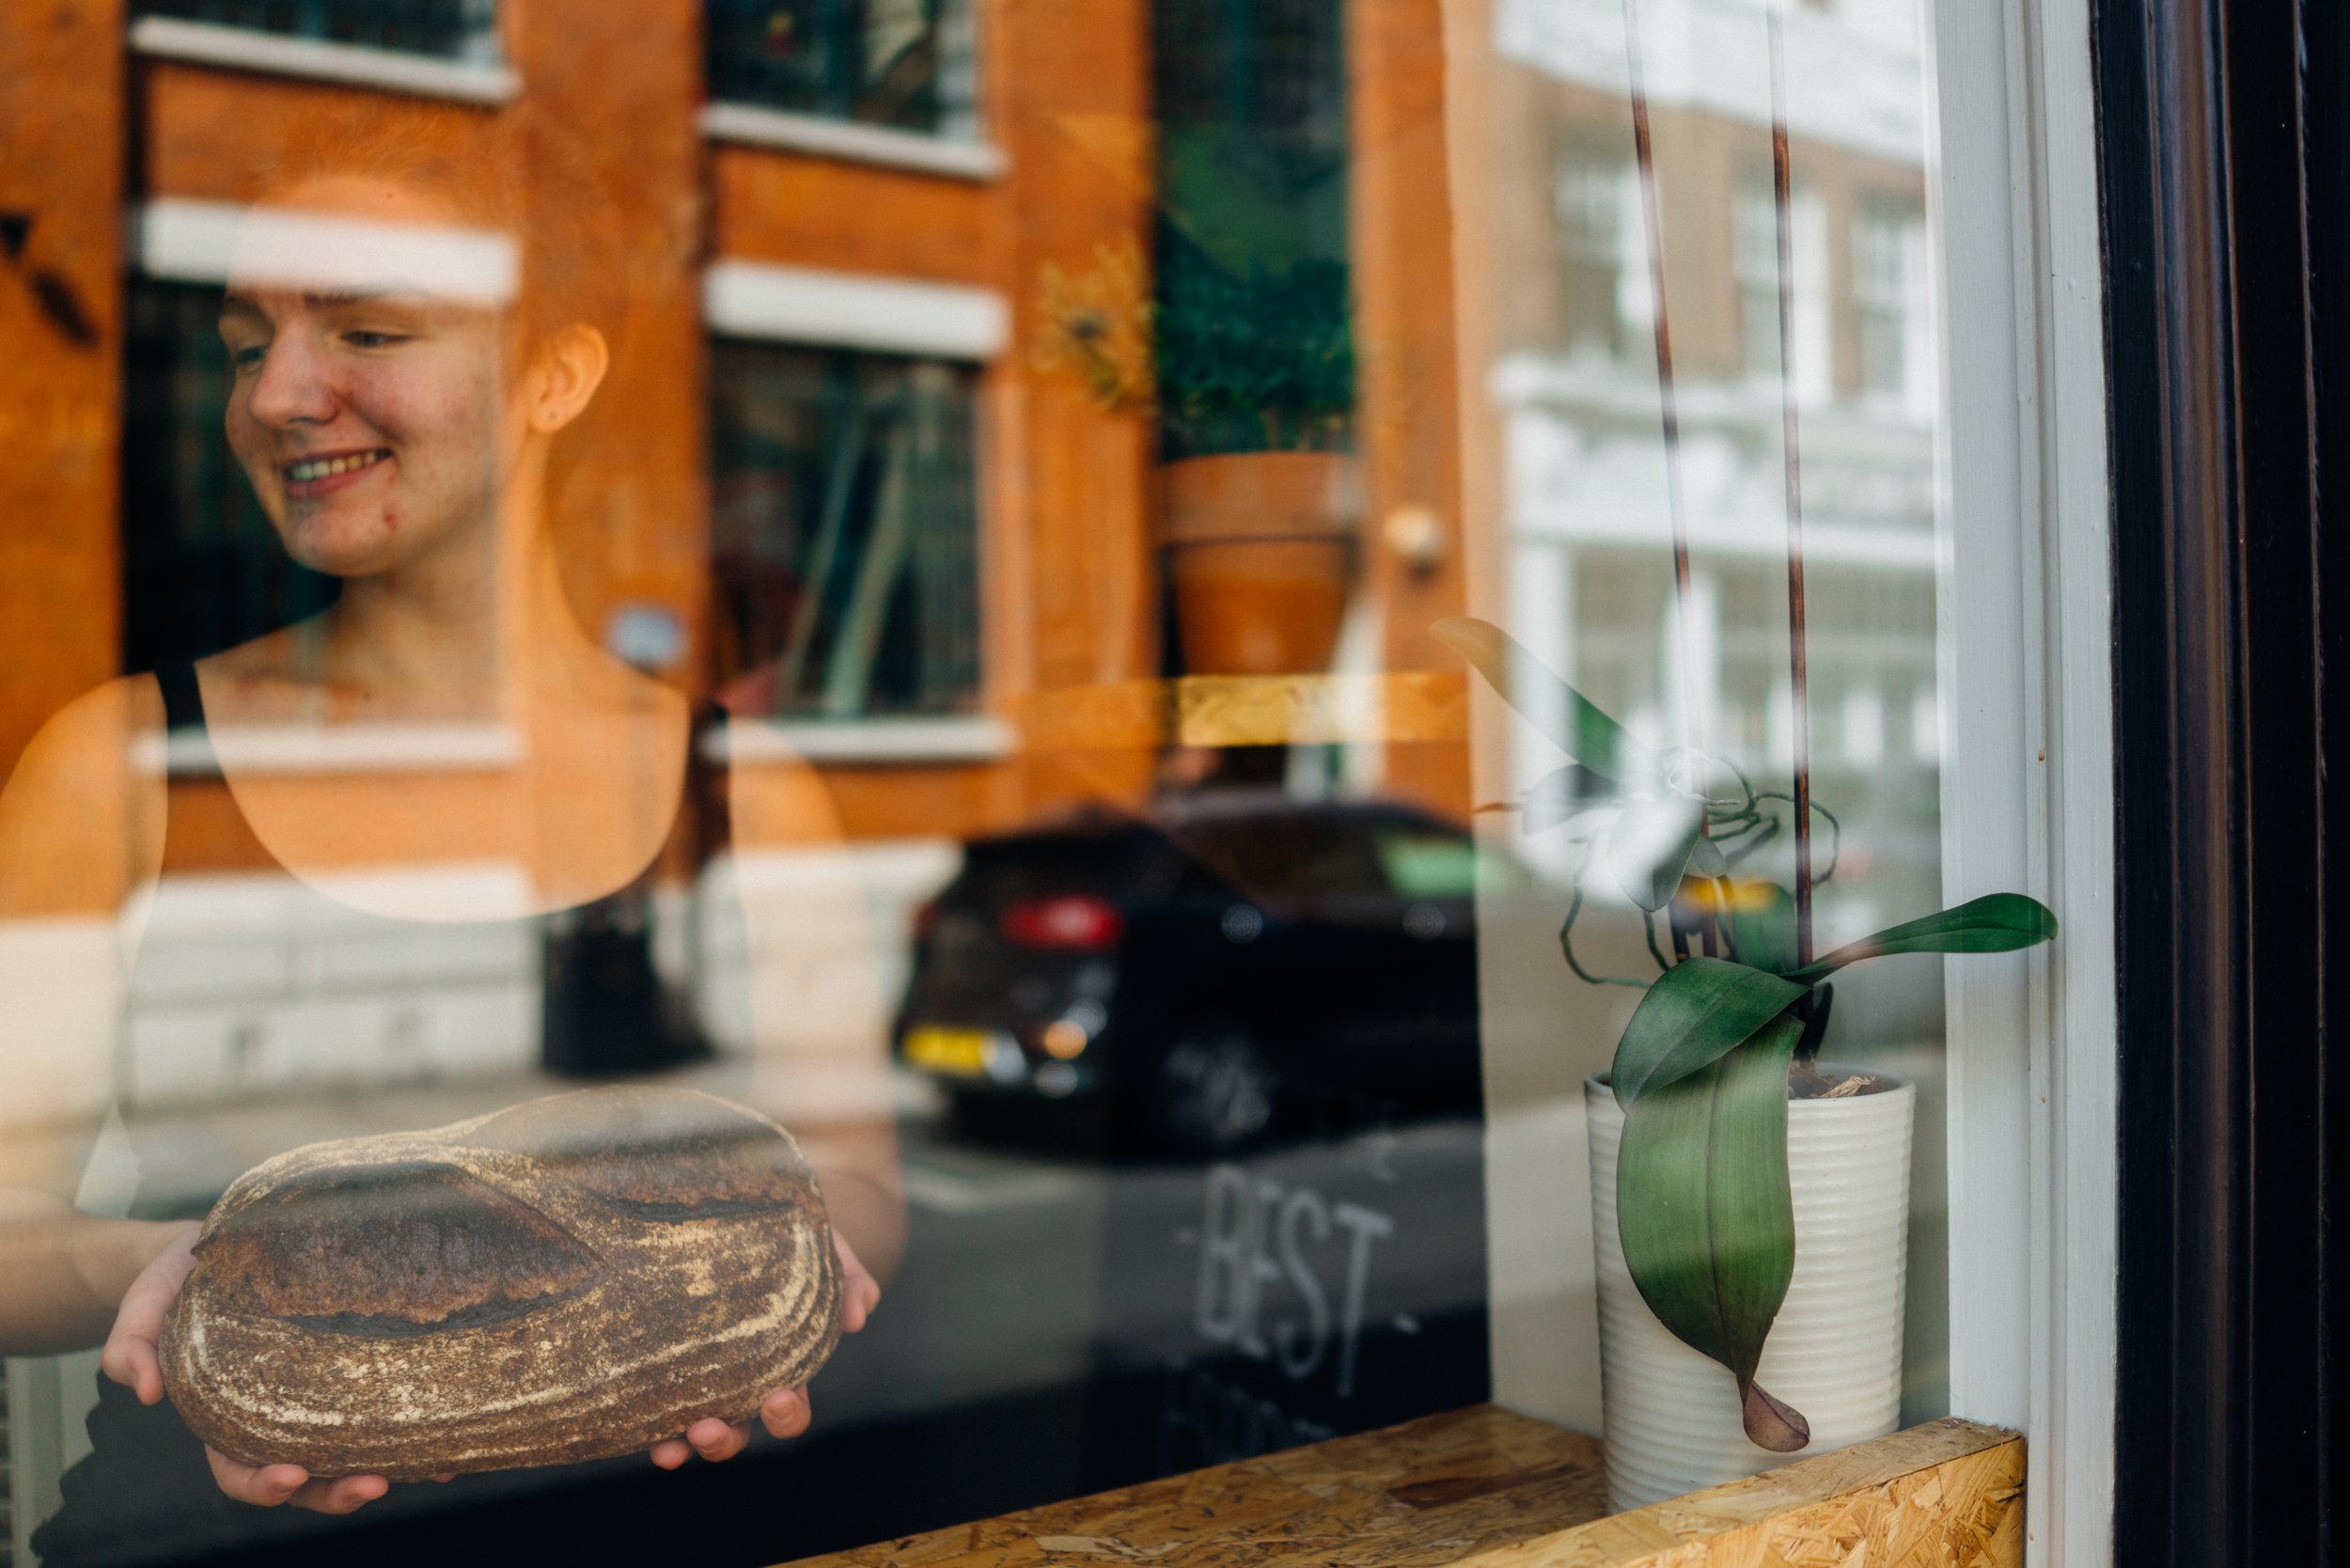 Alice Lyzcia with Little Bread Pedlar's Brown Sourdough in London, UK